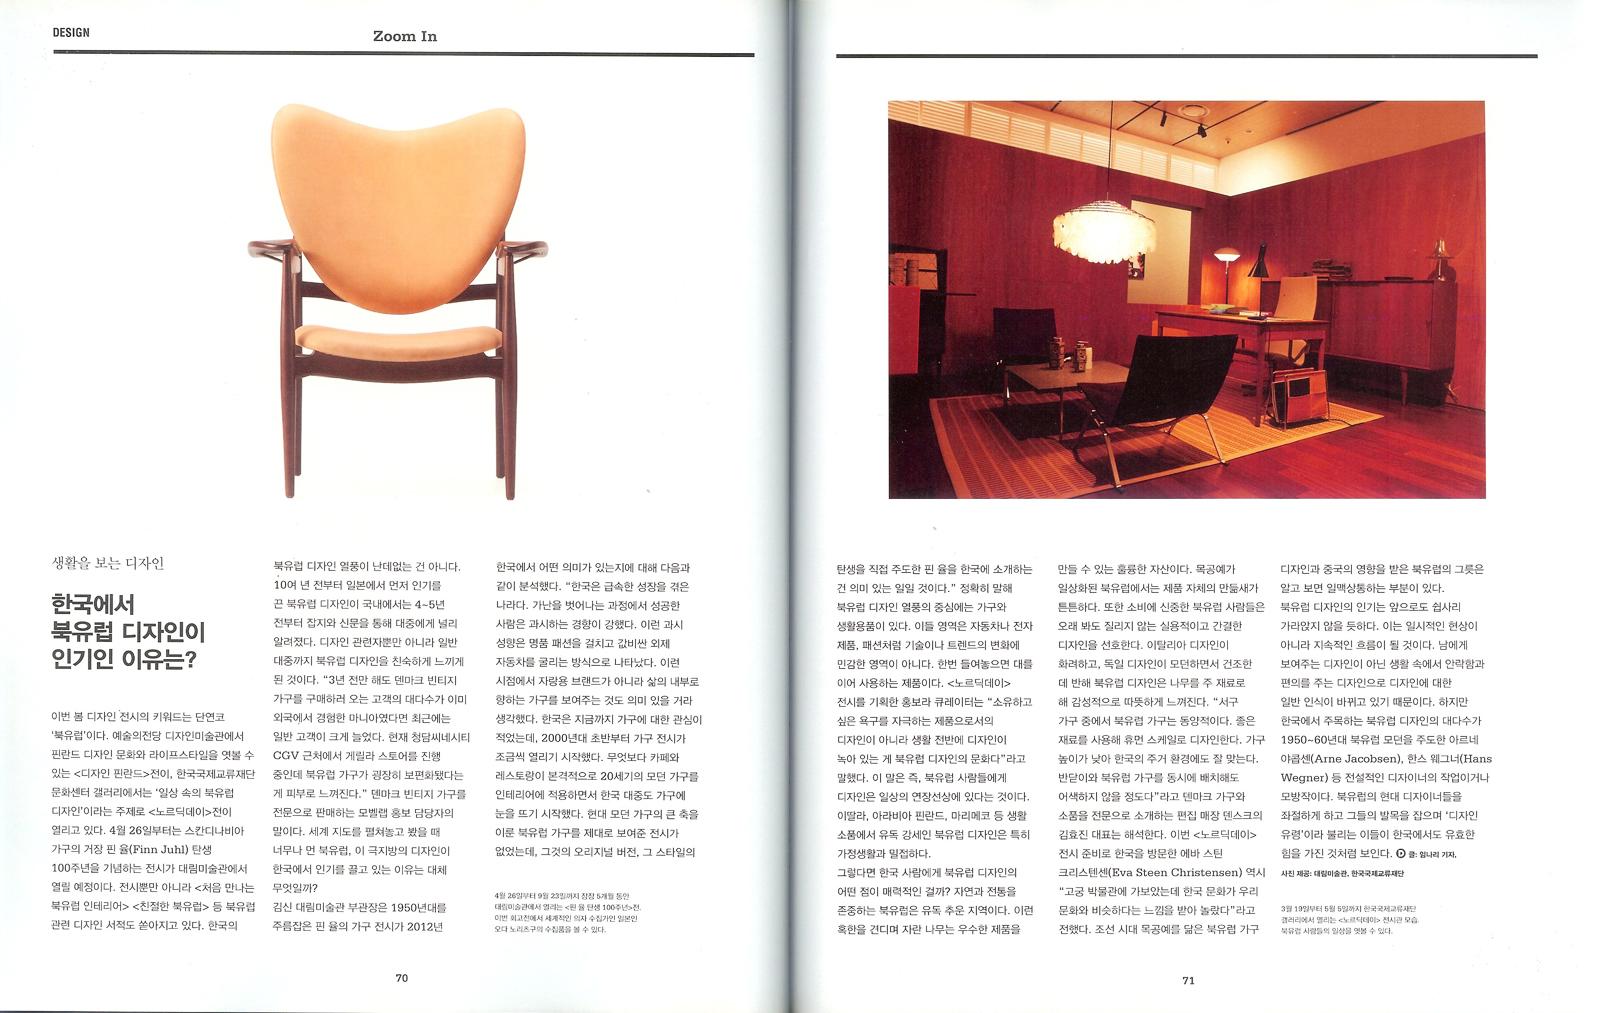 노르딕데이_jj_magazine_2012_April.jpg